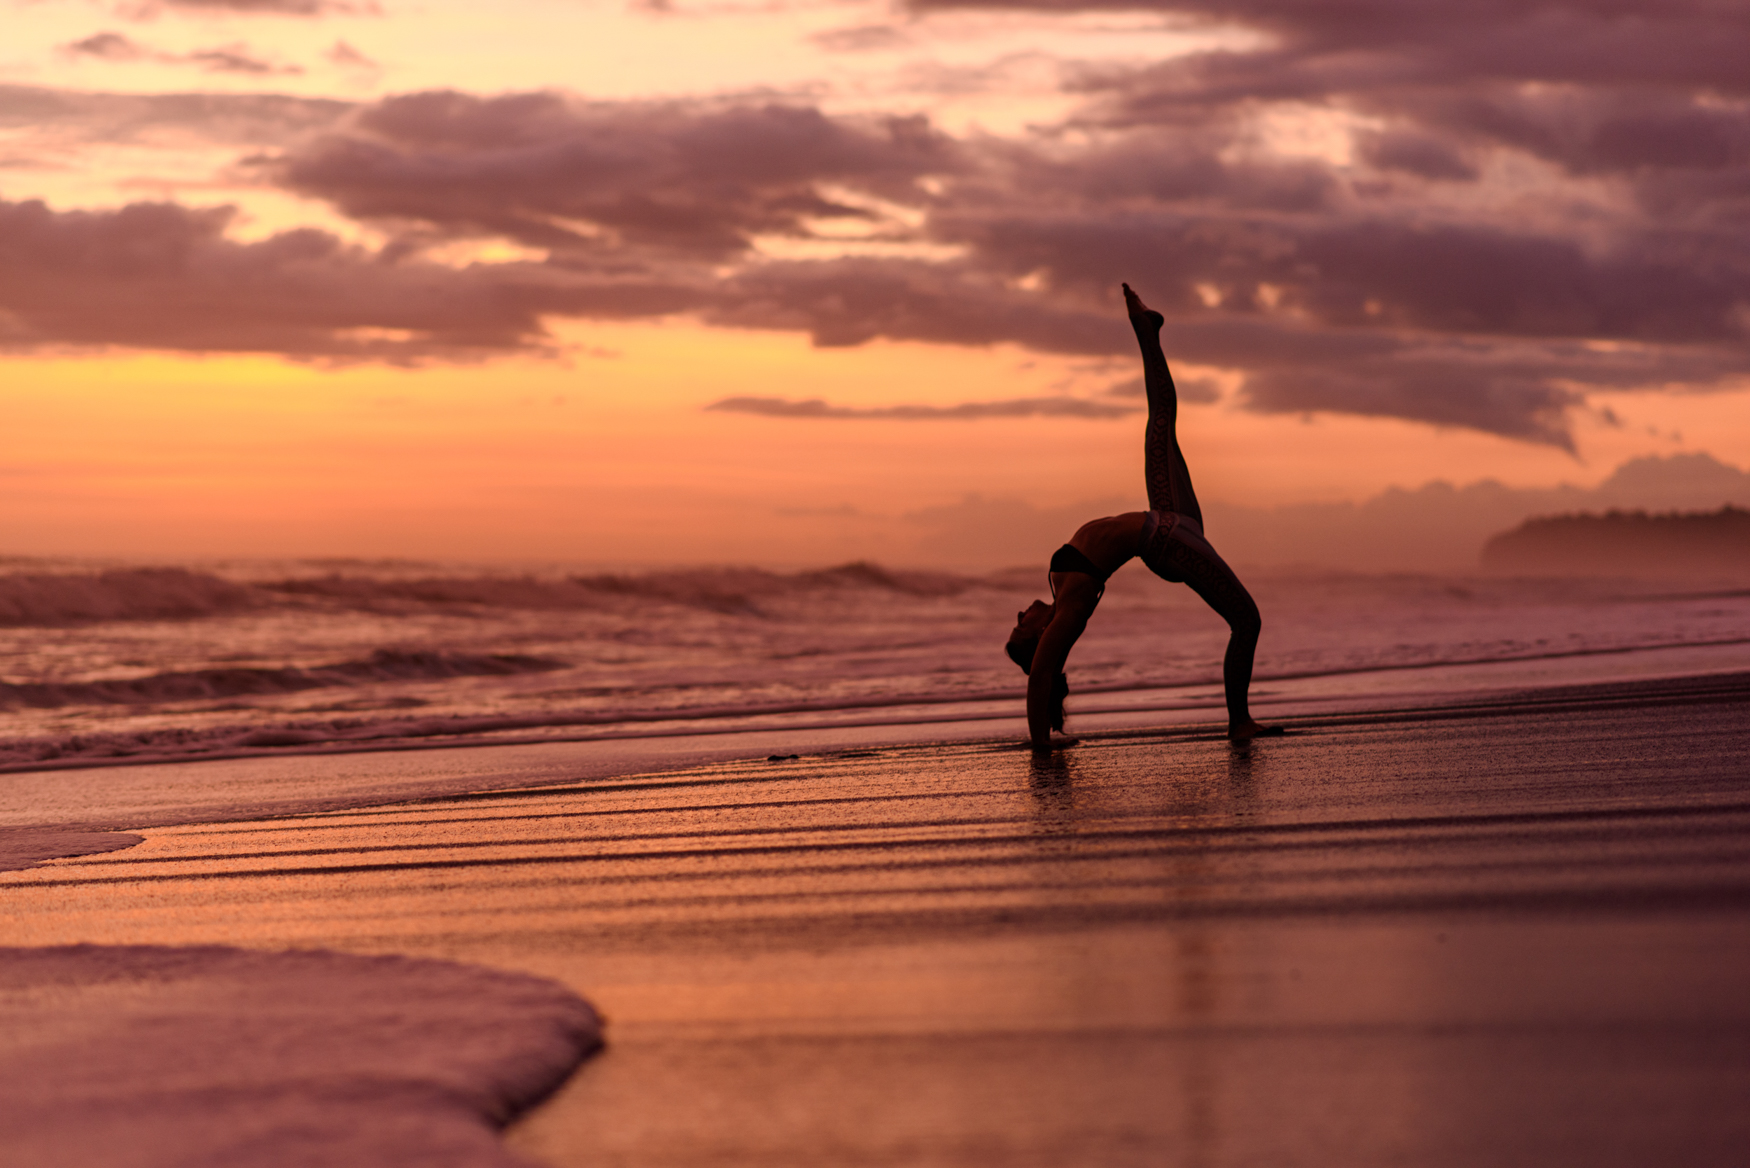 Yoga-Asana-Photography-Costa-Rica-37.jpg